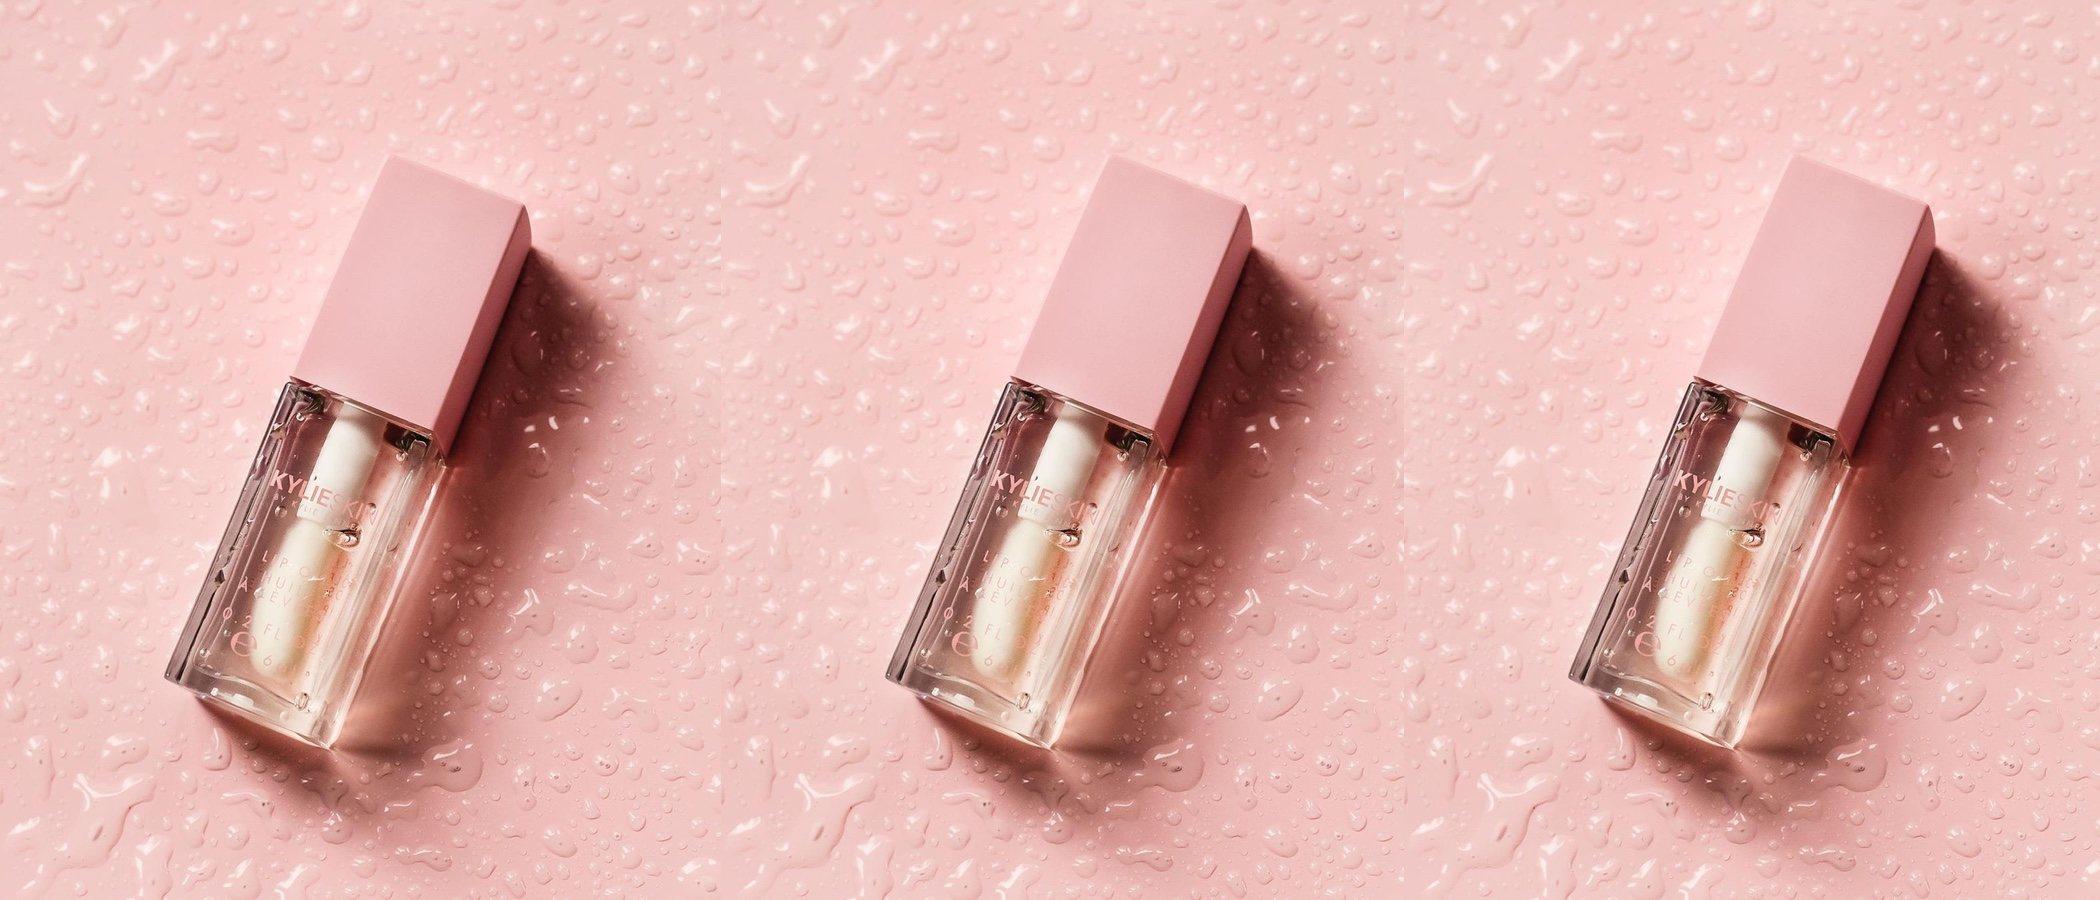 Kylie Jenner cuida tus labios este invierno con el lanzamiento de un aceite labial